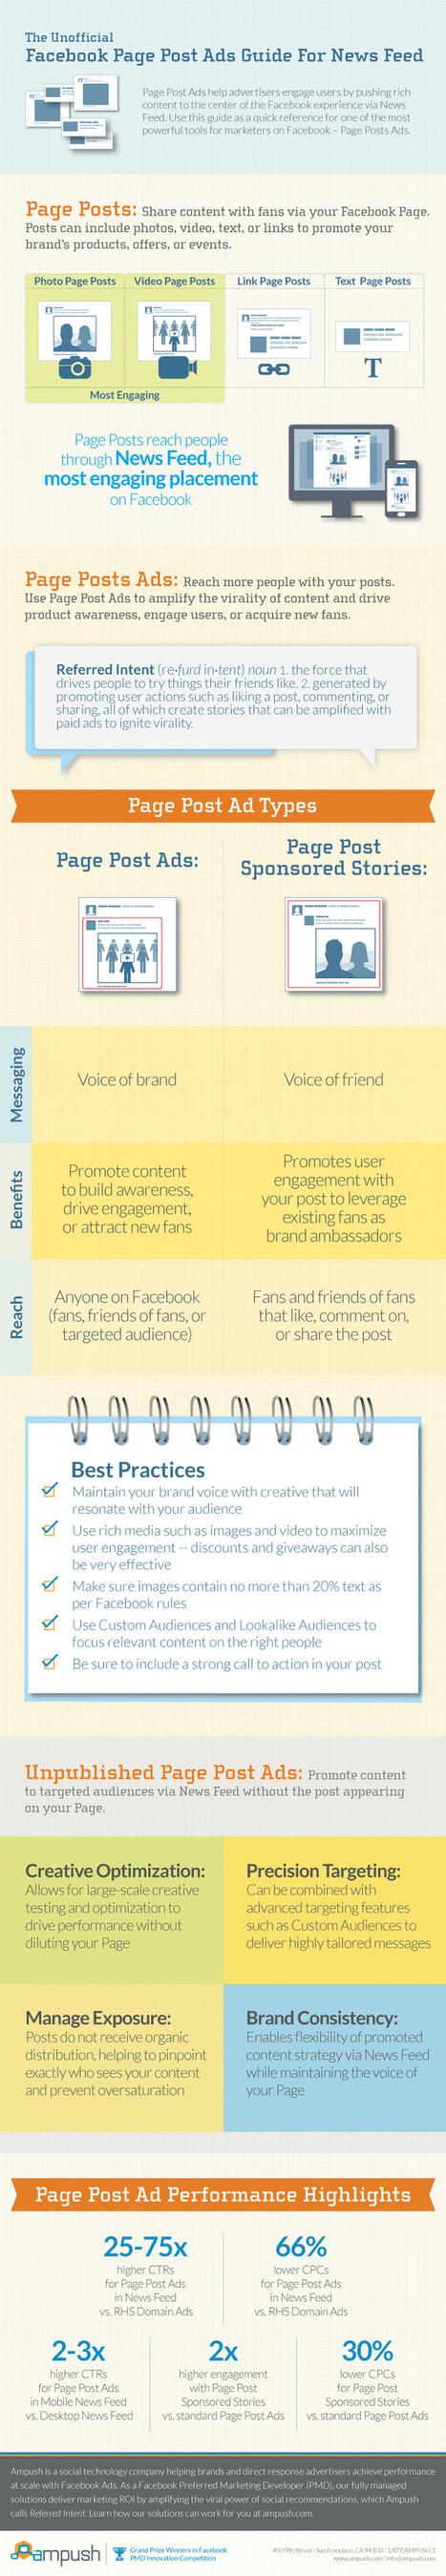 Infographie : guide des publicités Facebook sur le News Feed | Facebook…et ses techniques | Scoop.it